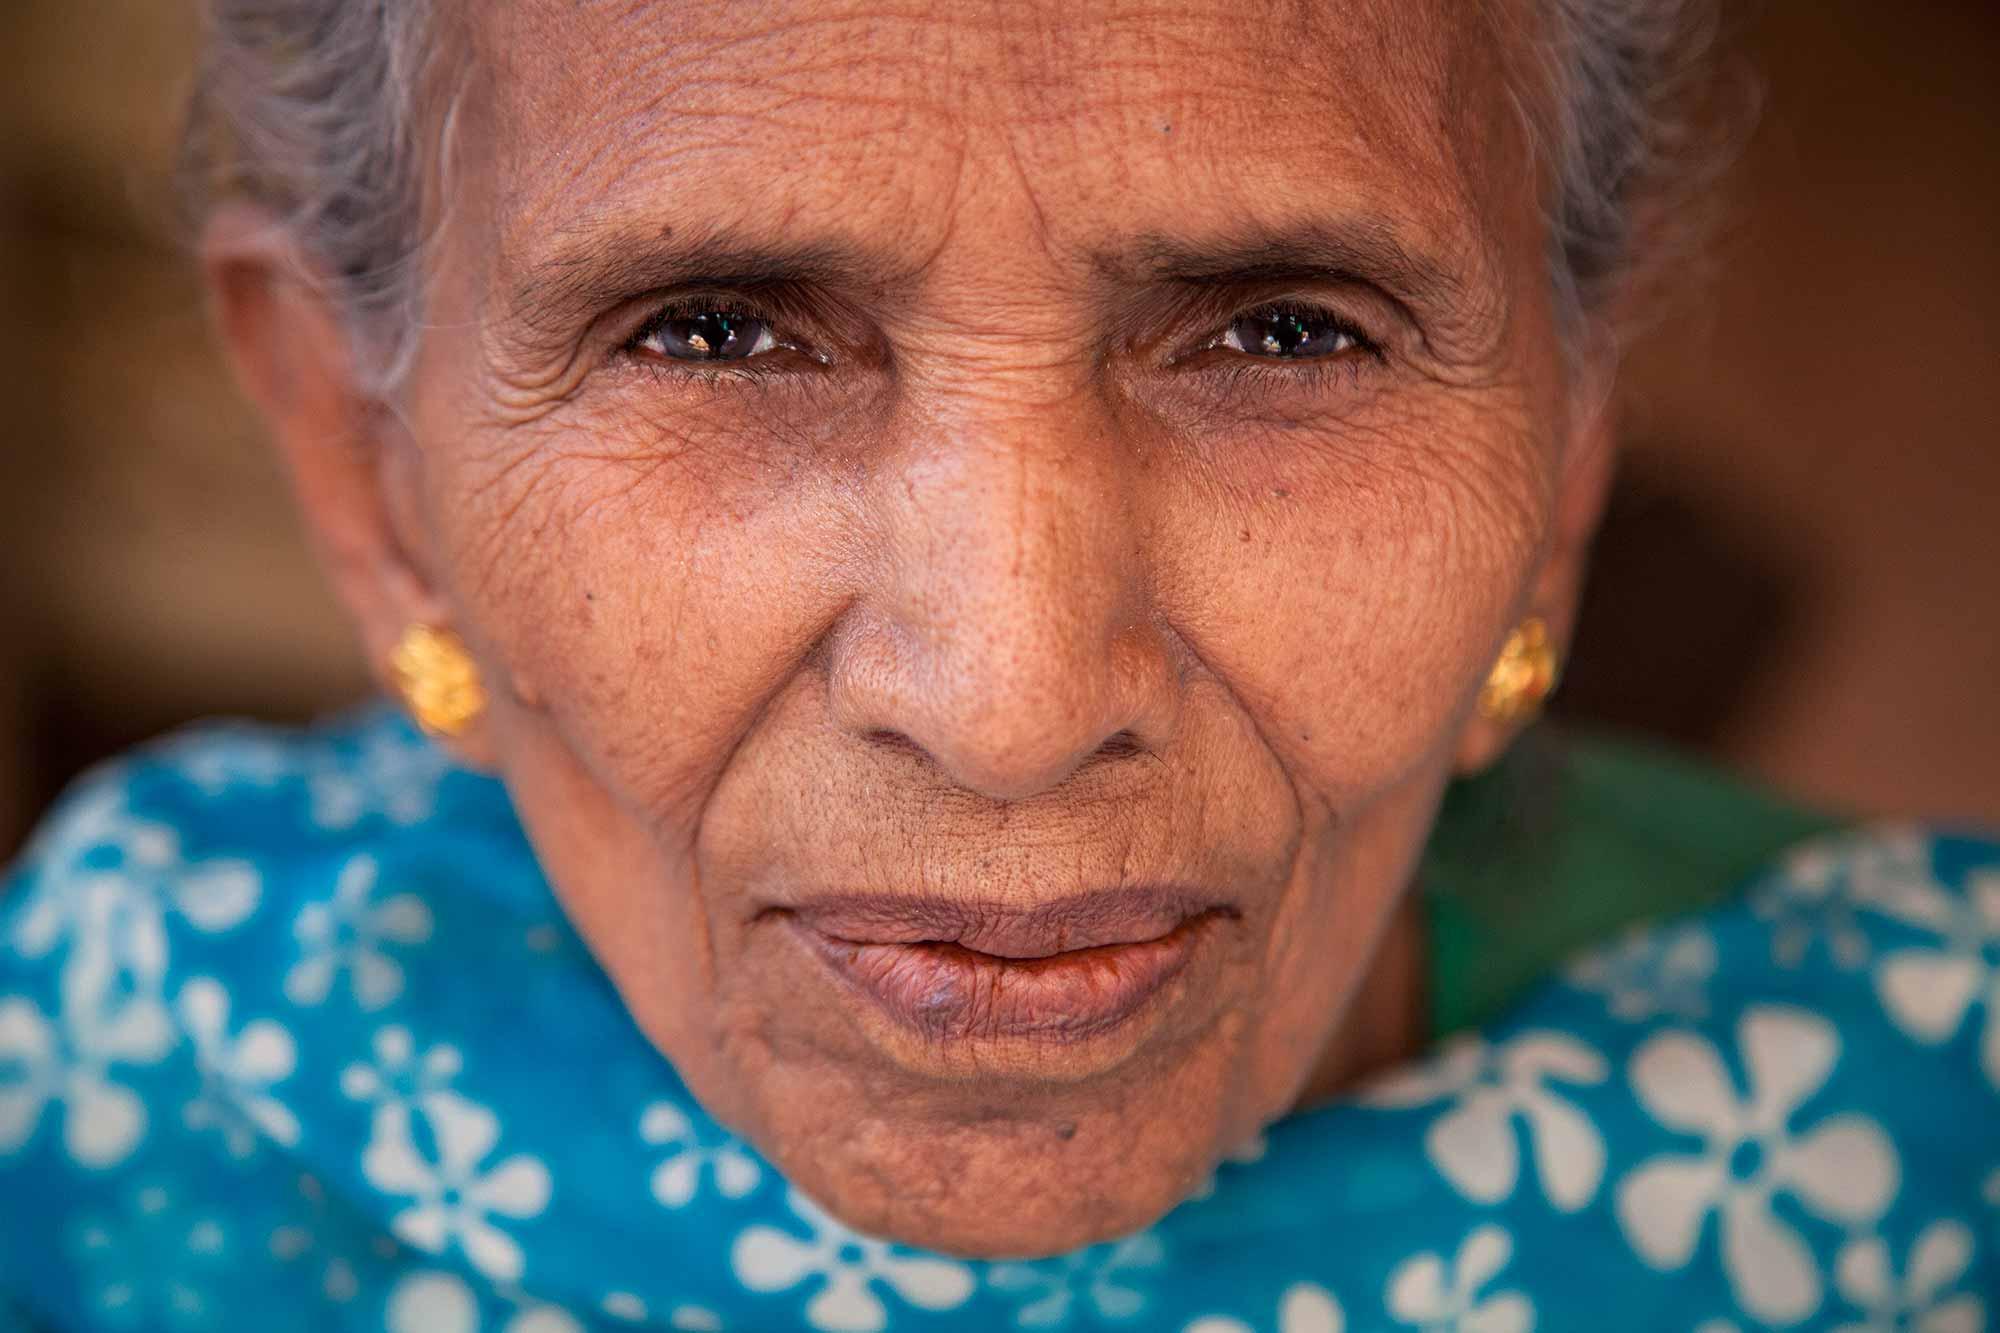 portrait-old-lady-wrinkles-kolkata-west-bengal-india